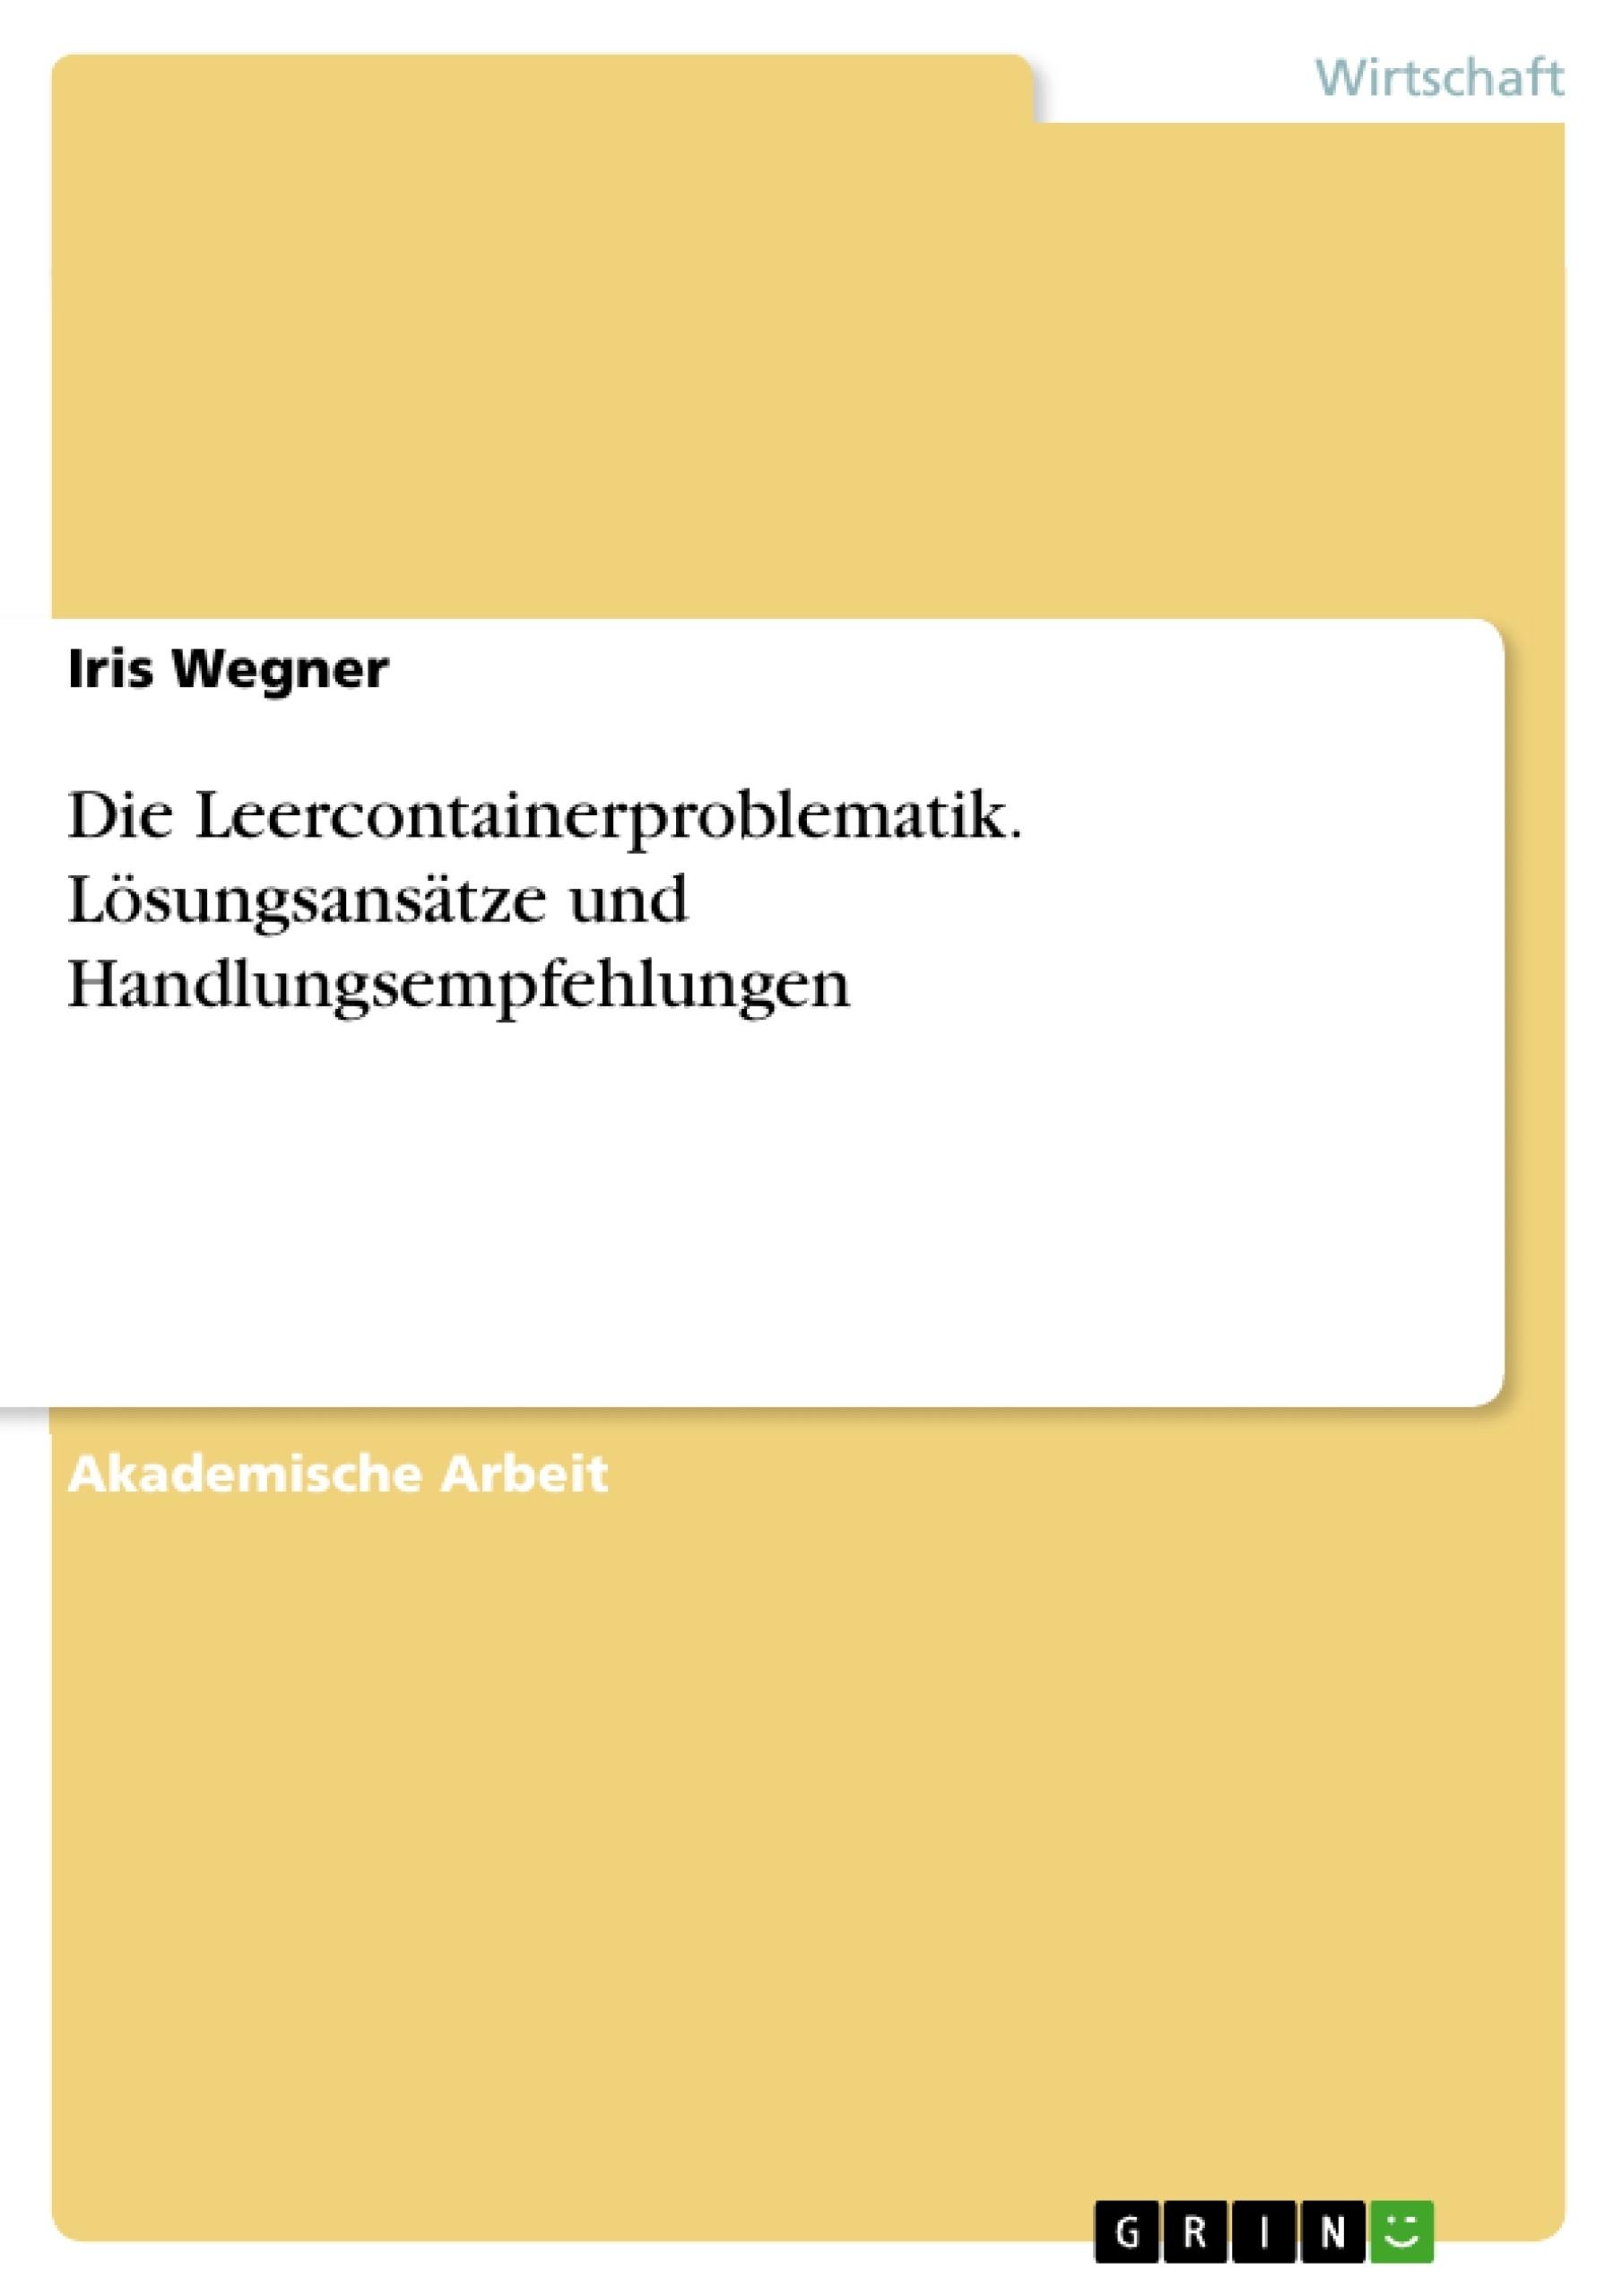 Titel: Die Leercontainerproblematik. Lösungsansätze und Handlungsempfehlungen